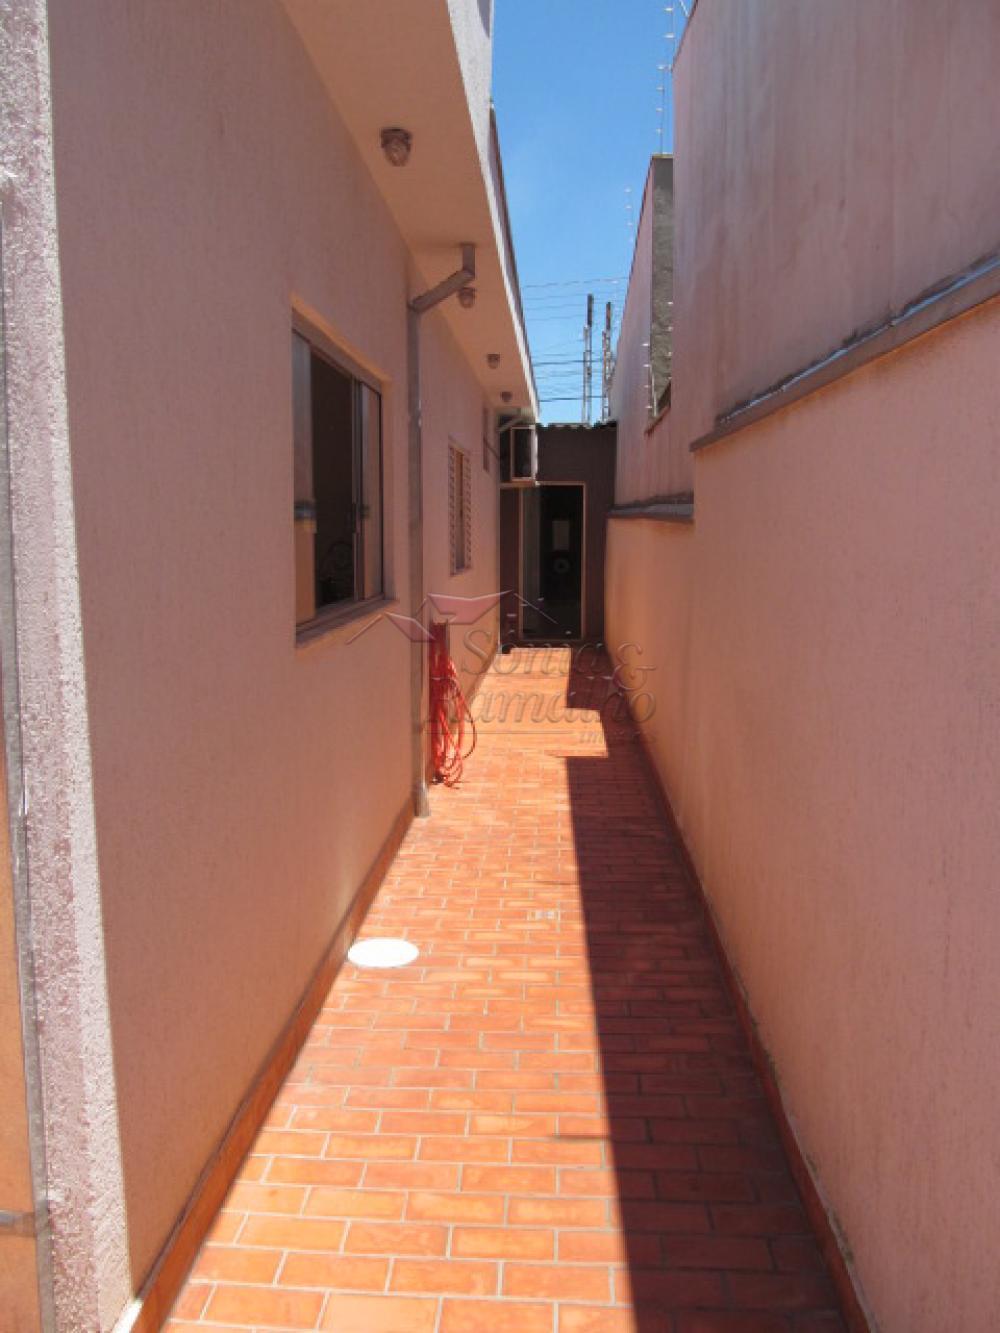 Comprar Casas / Padrão em Ribeirão Preto apenas R$ 360.000,00 - Foto 17